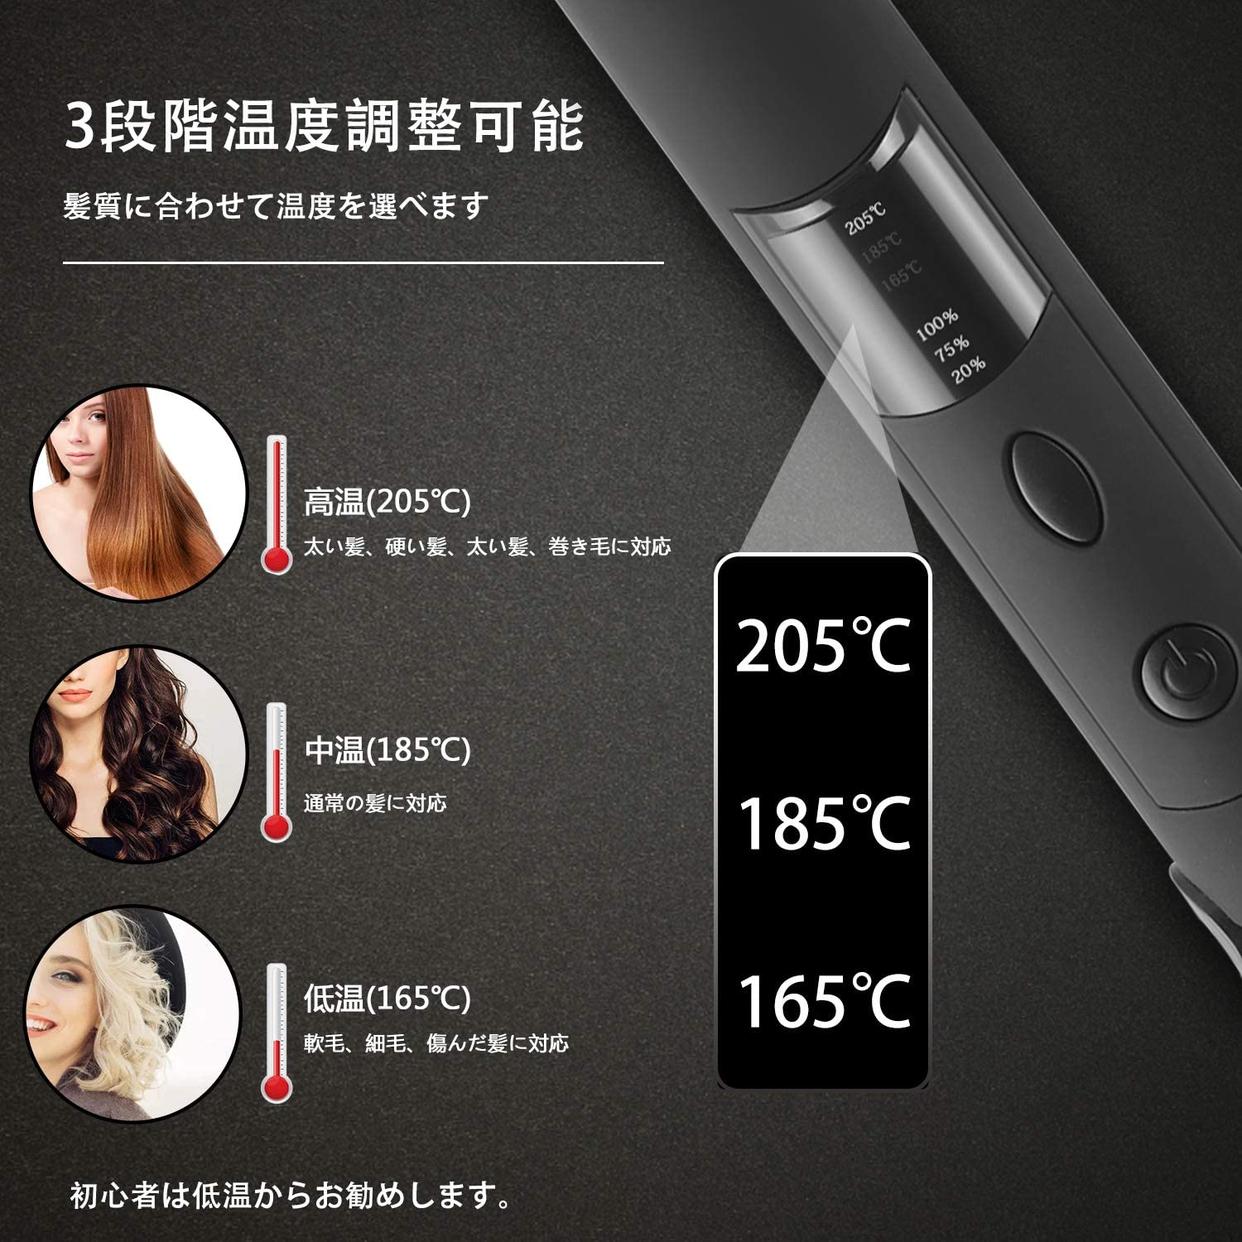 SHARE BEAUTY(シェアビューティー) コードレスヘアアイロンの商品画像2